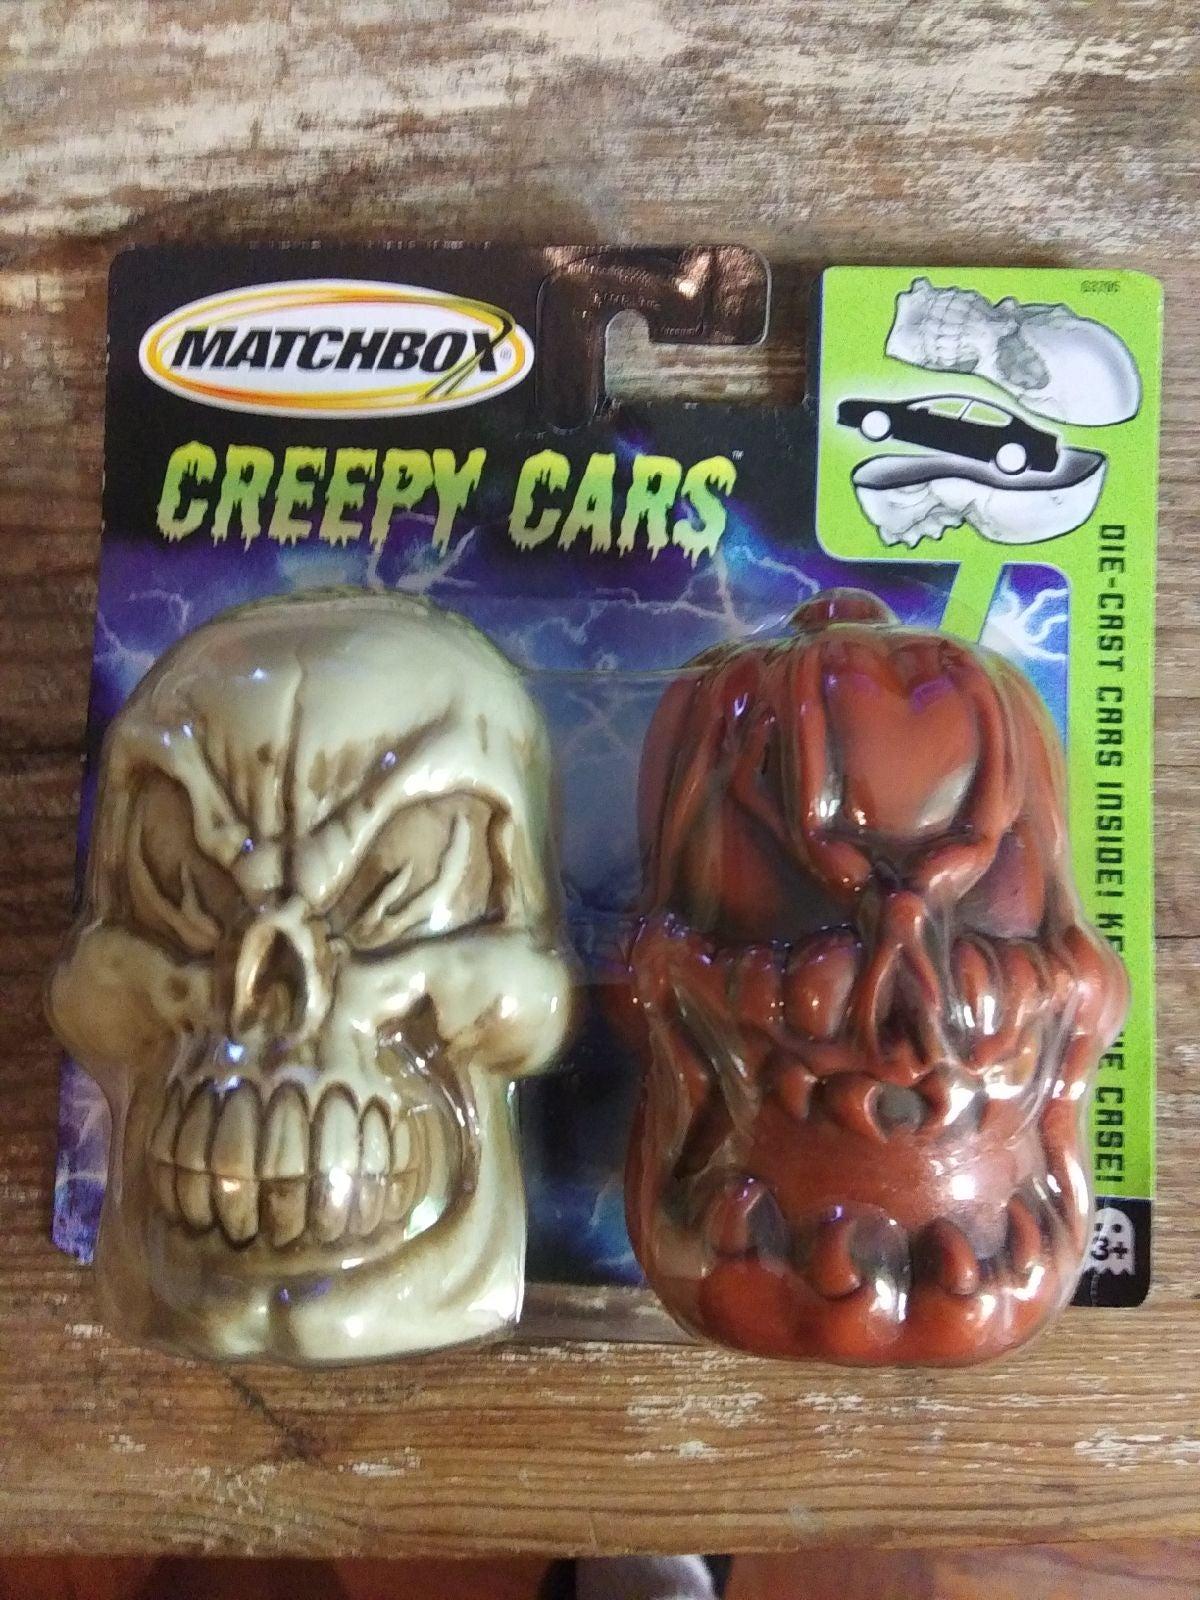 Matchbox creepy cars